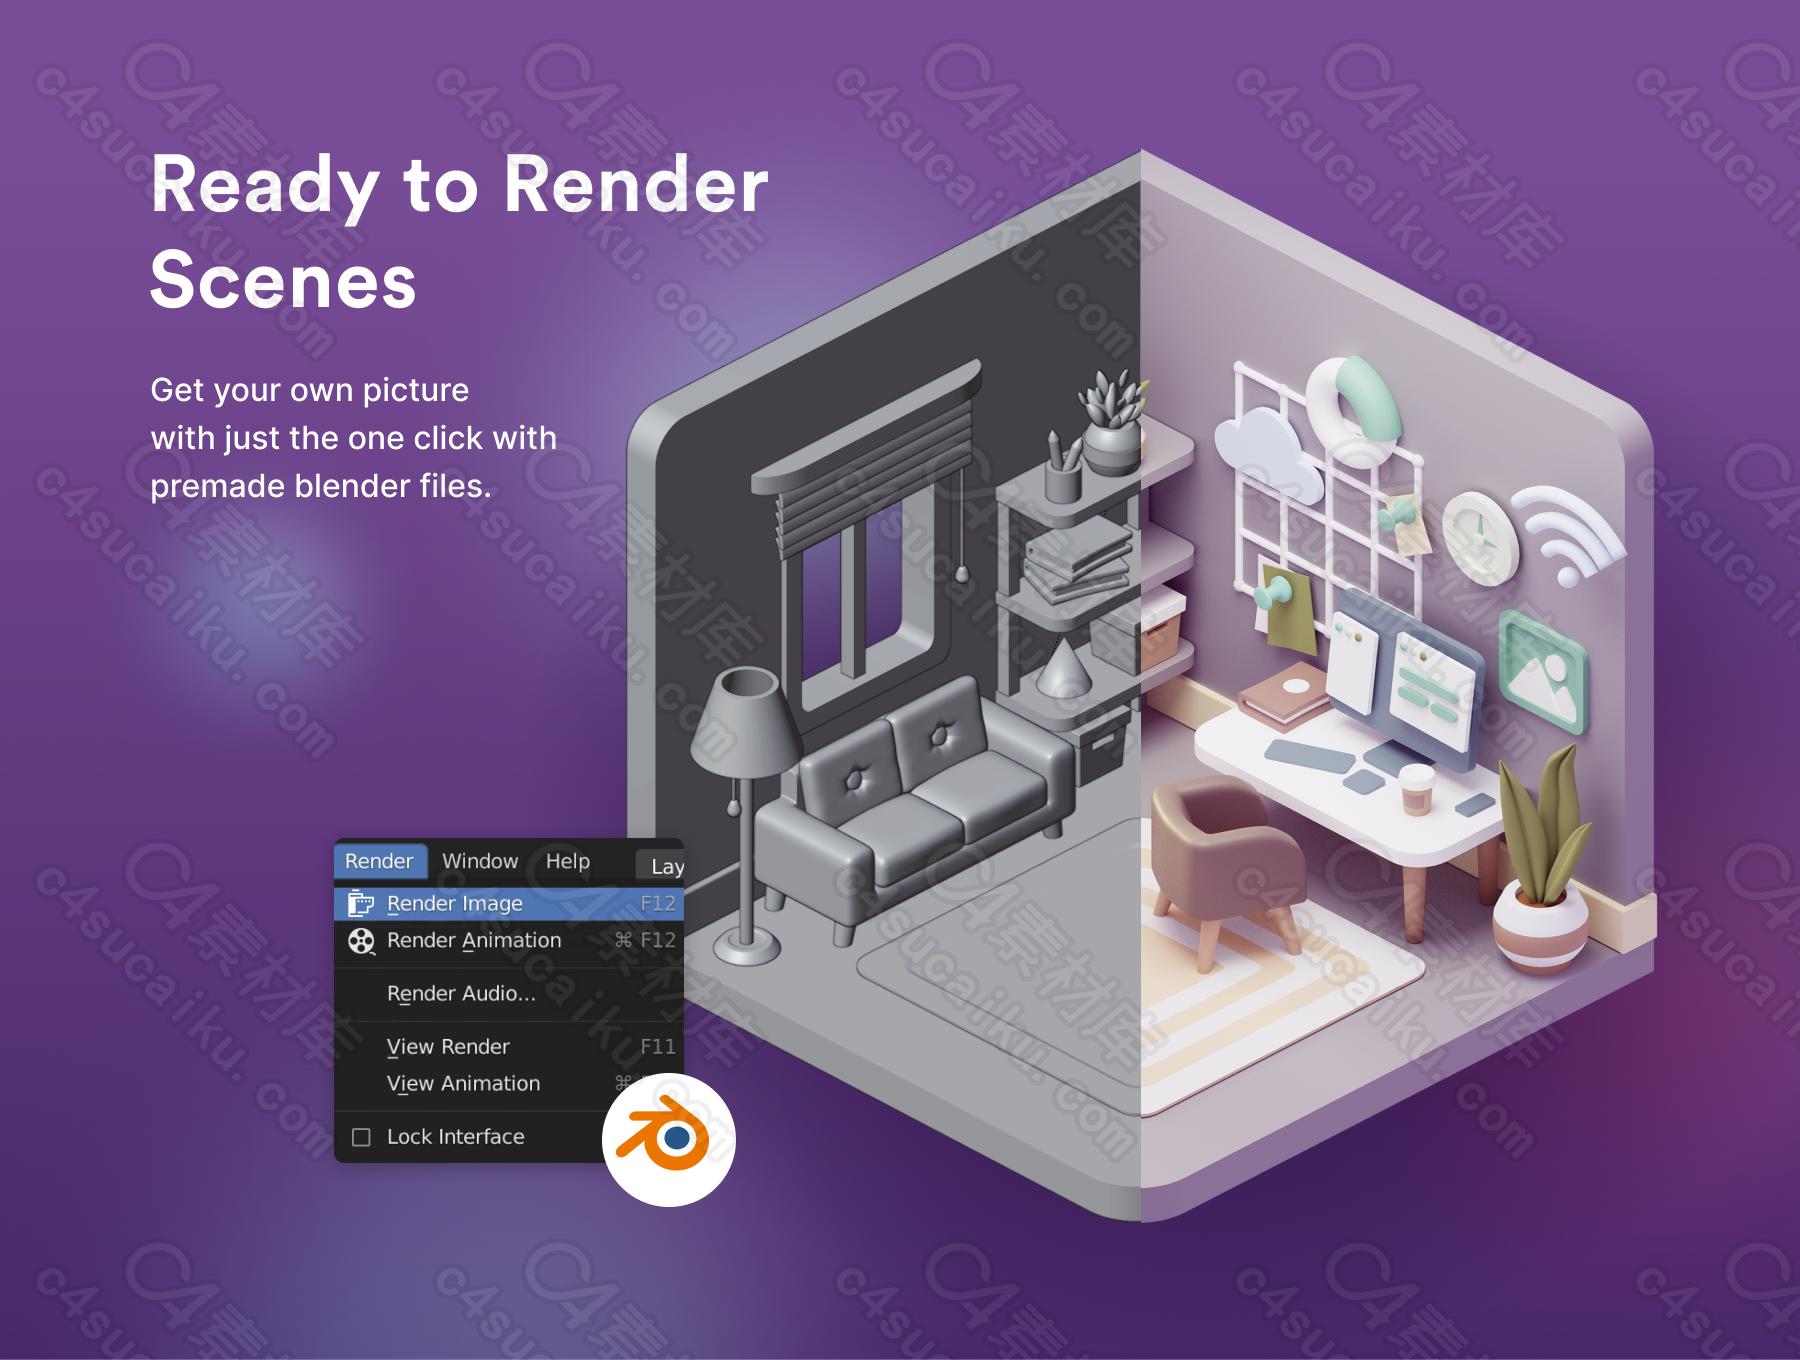 C4素材网-Blender工程-3D 工作空间插图